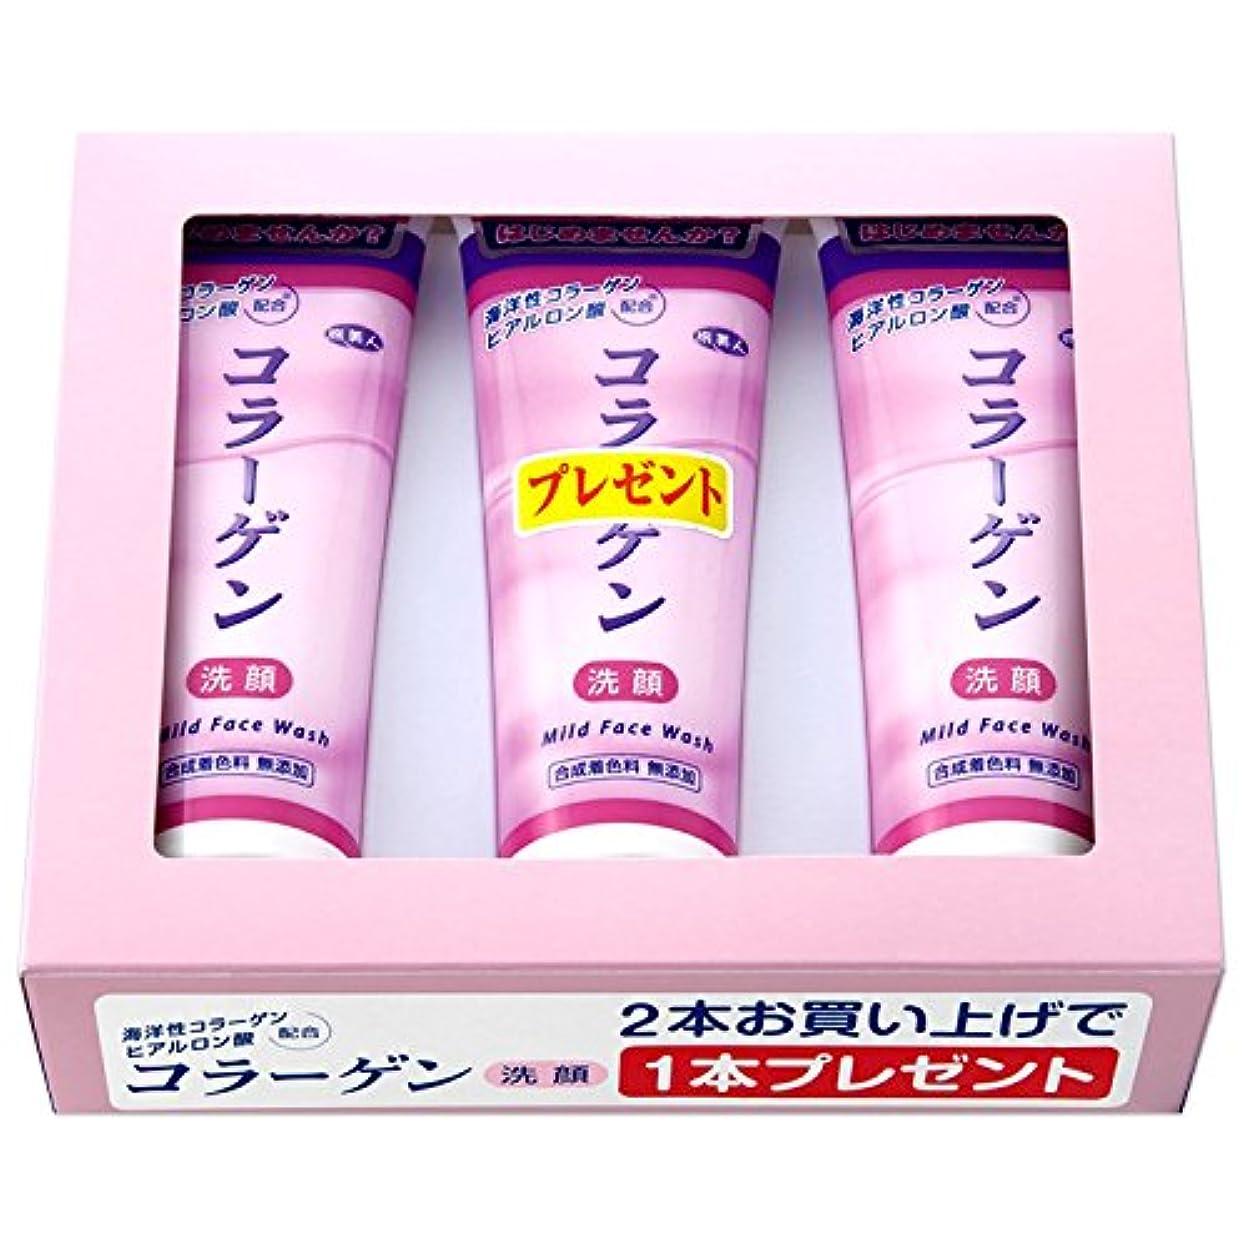 肝宗教的なビリーアズマ商事の コラーゲン洗顔クリーム お得な 2本の値段で3本入りセット